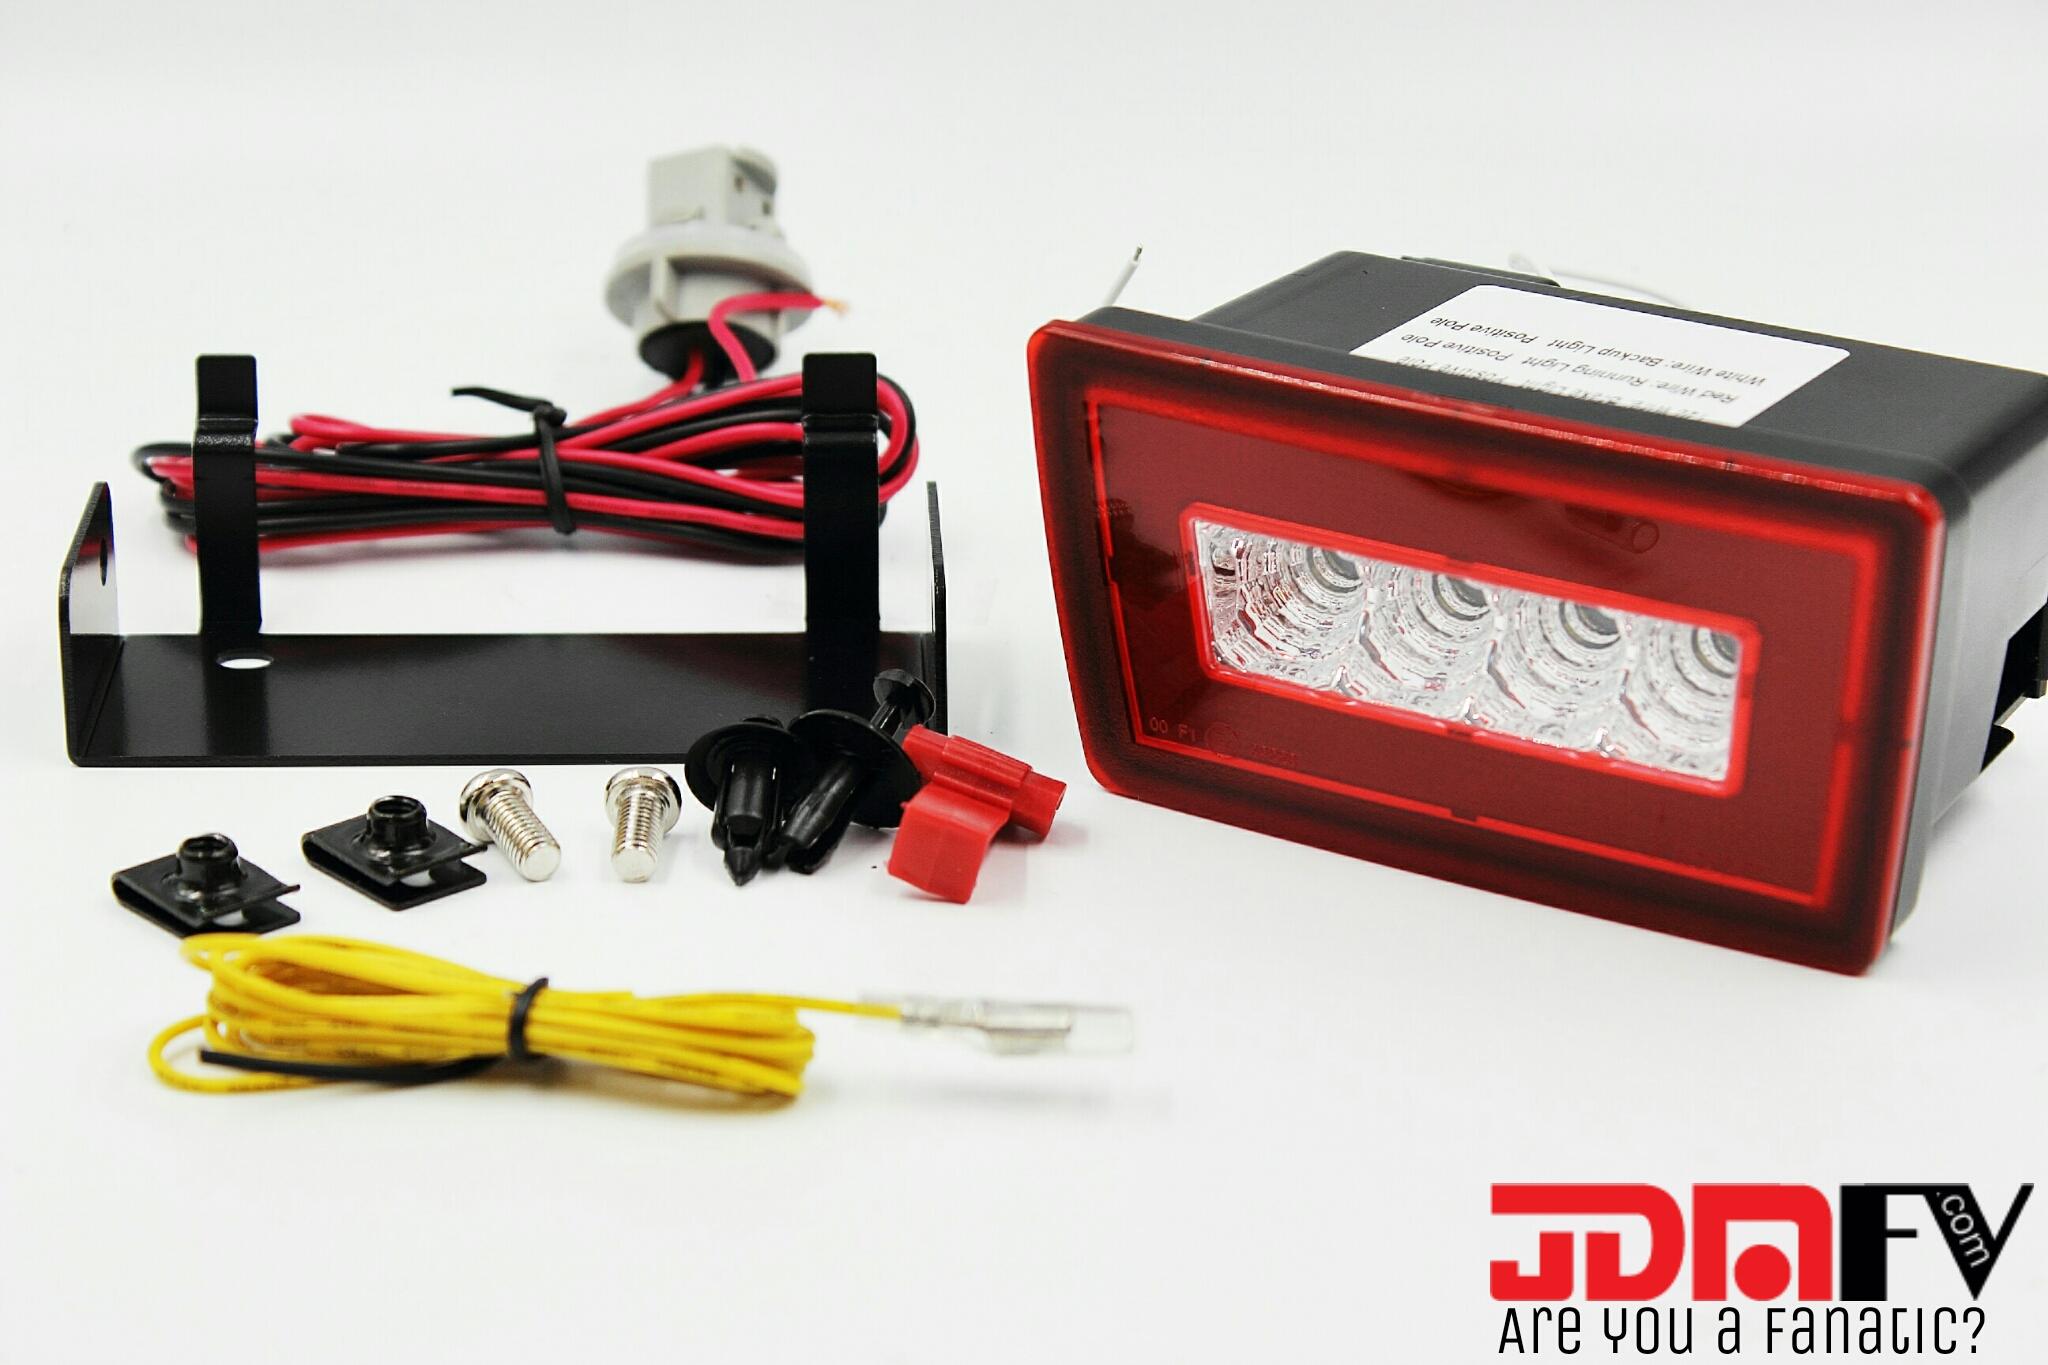 subaru-f1-4th-brake-light-with-reverse-option-jdmfv.jpg